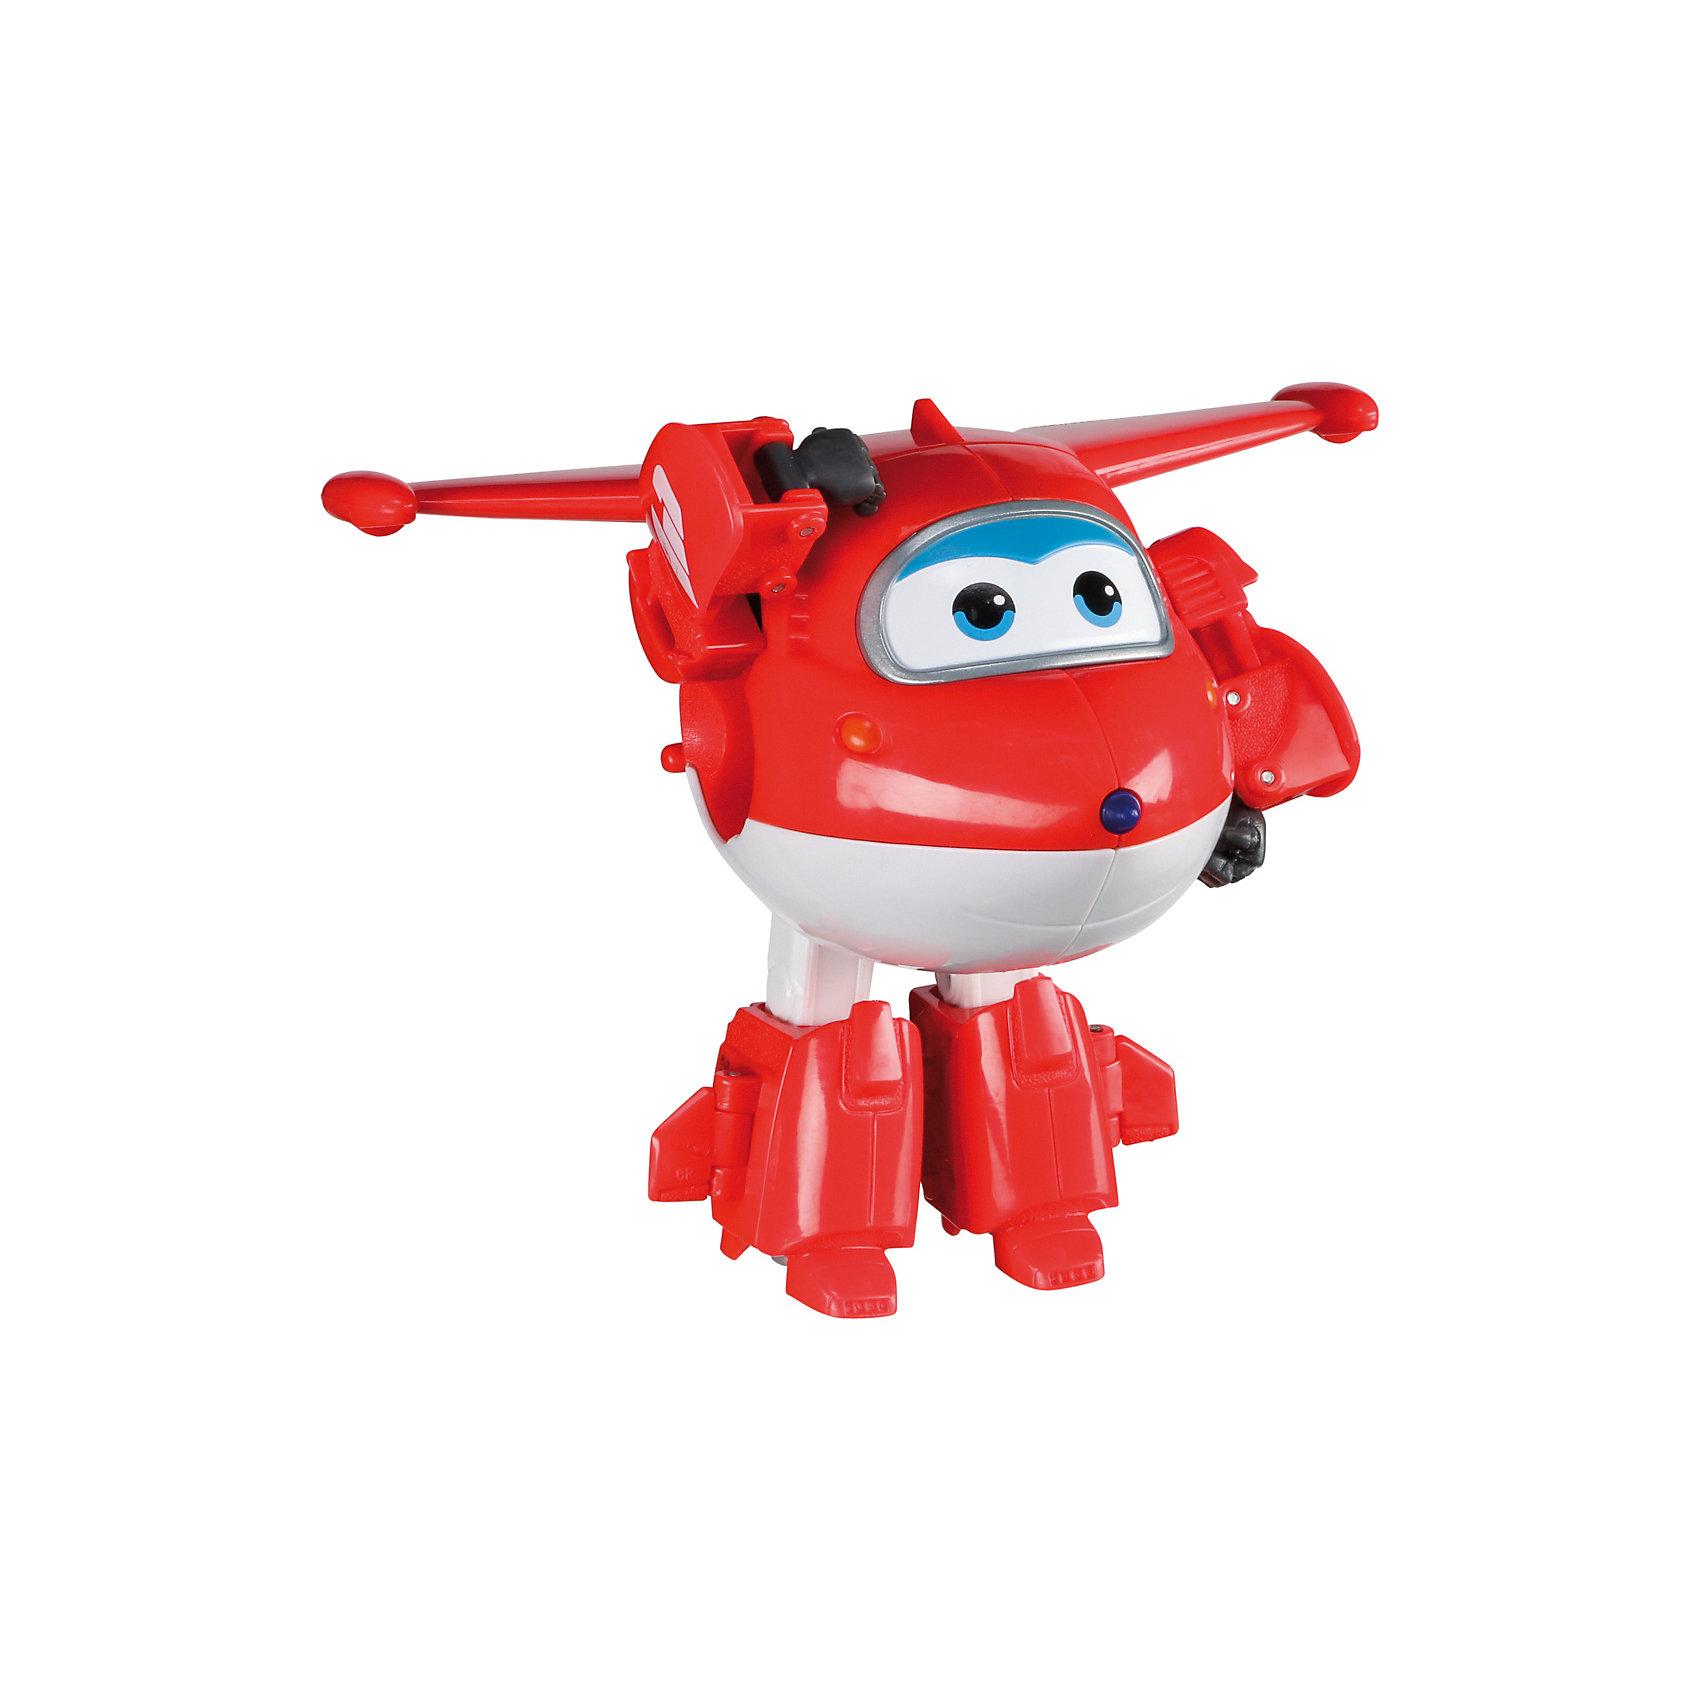 Трансформер Джетт, Супер КрыльяКакой ребенок не любит самолеты!? Сделать игру ярче и увлекательнее поможет герой популярного мультфильма Супер Крылья, любимого детьми. Игрушка всего за несколько мгновений трансформируется из самолета в робота. К нему можно также фигурки-трансформеры заказать друзей из этого мультфильма! Компактный размер позволит ребенку брать игрушку с собой в гости или на прогулку.                <br>Этот трансформер обязательно порадует ребенка! Игры с ним также помогают детям развивать воображение, логику, мелкую моторику и творческое мышление. Самолет сделан из качественных и безопасных для ребенка материалов.<br><br>Дополнительная информация:<br><br>цвет: разноцветный;<br>размер упаковки: 13 х 16 х 7 см;<br>вес: 400 г;<br>материал: пластик.<br><br>Игрушку Трансформер Джетт можно купить в нашем магазине.<br><br>Ширина мм: 130<br>Глубина мм: 160<br>Высота мм: 70<br>Вес г: 400<br>Возраст от месяцев: 36<br>Возраст до месяцев: 2147483647<br>Пол: Мужской<br>Возраст: Детский<br>SKU: 4918778